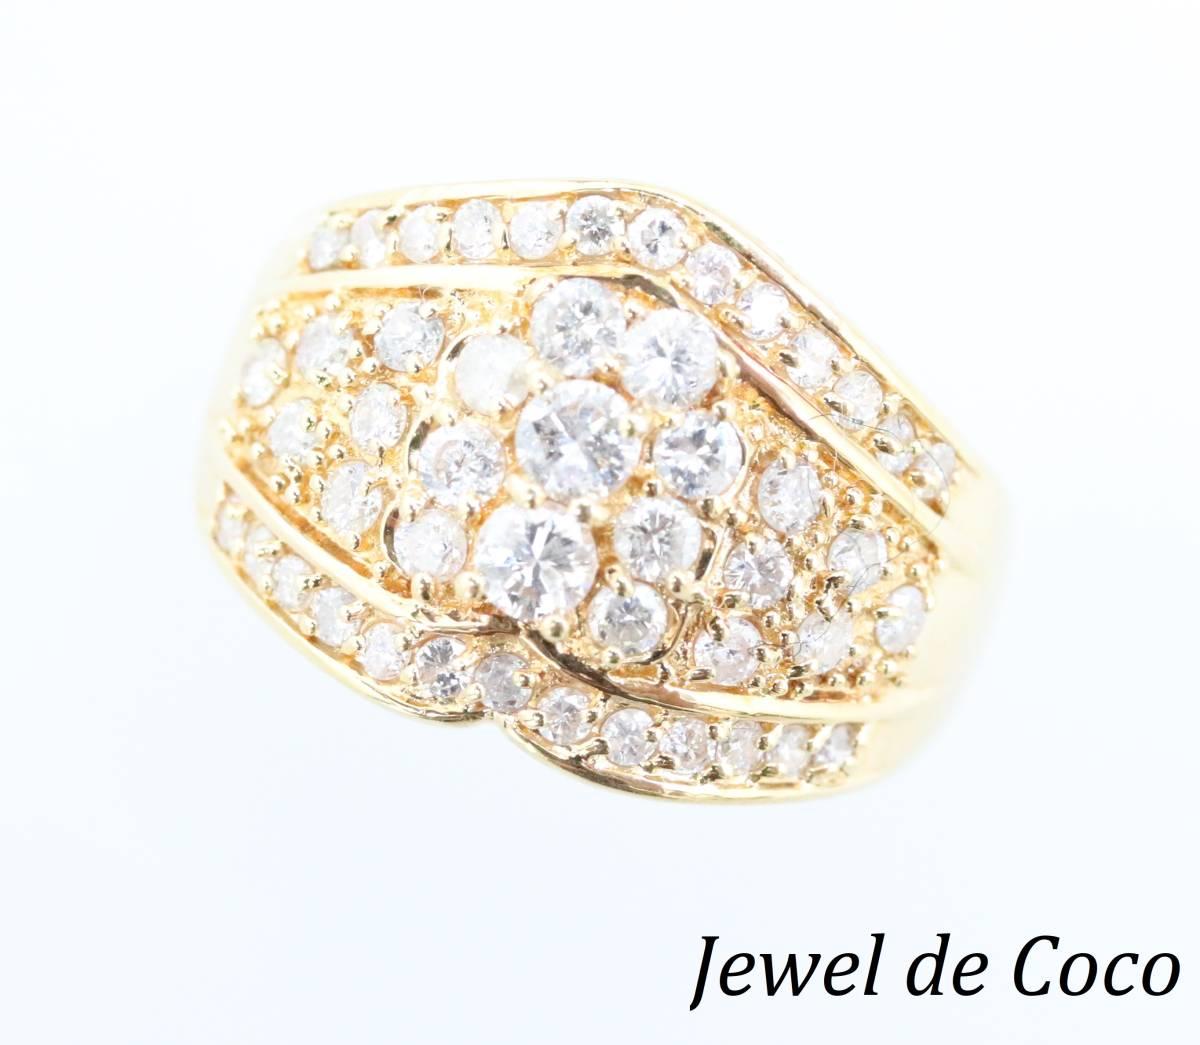 【1円スタート】 ♪★豪華な輝き★天然ダイヤモンド1.03ct K18リング♪ Jewel de Coco